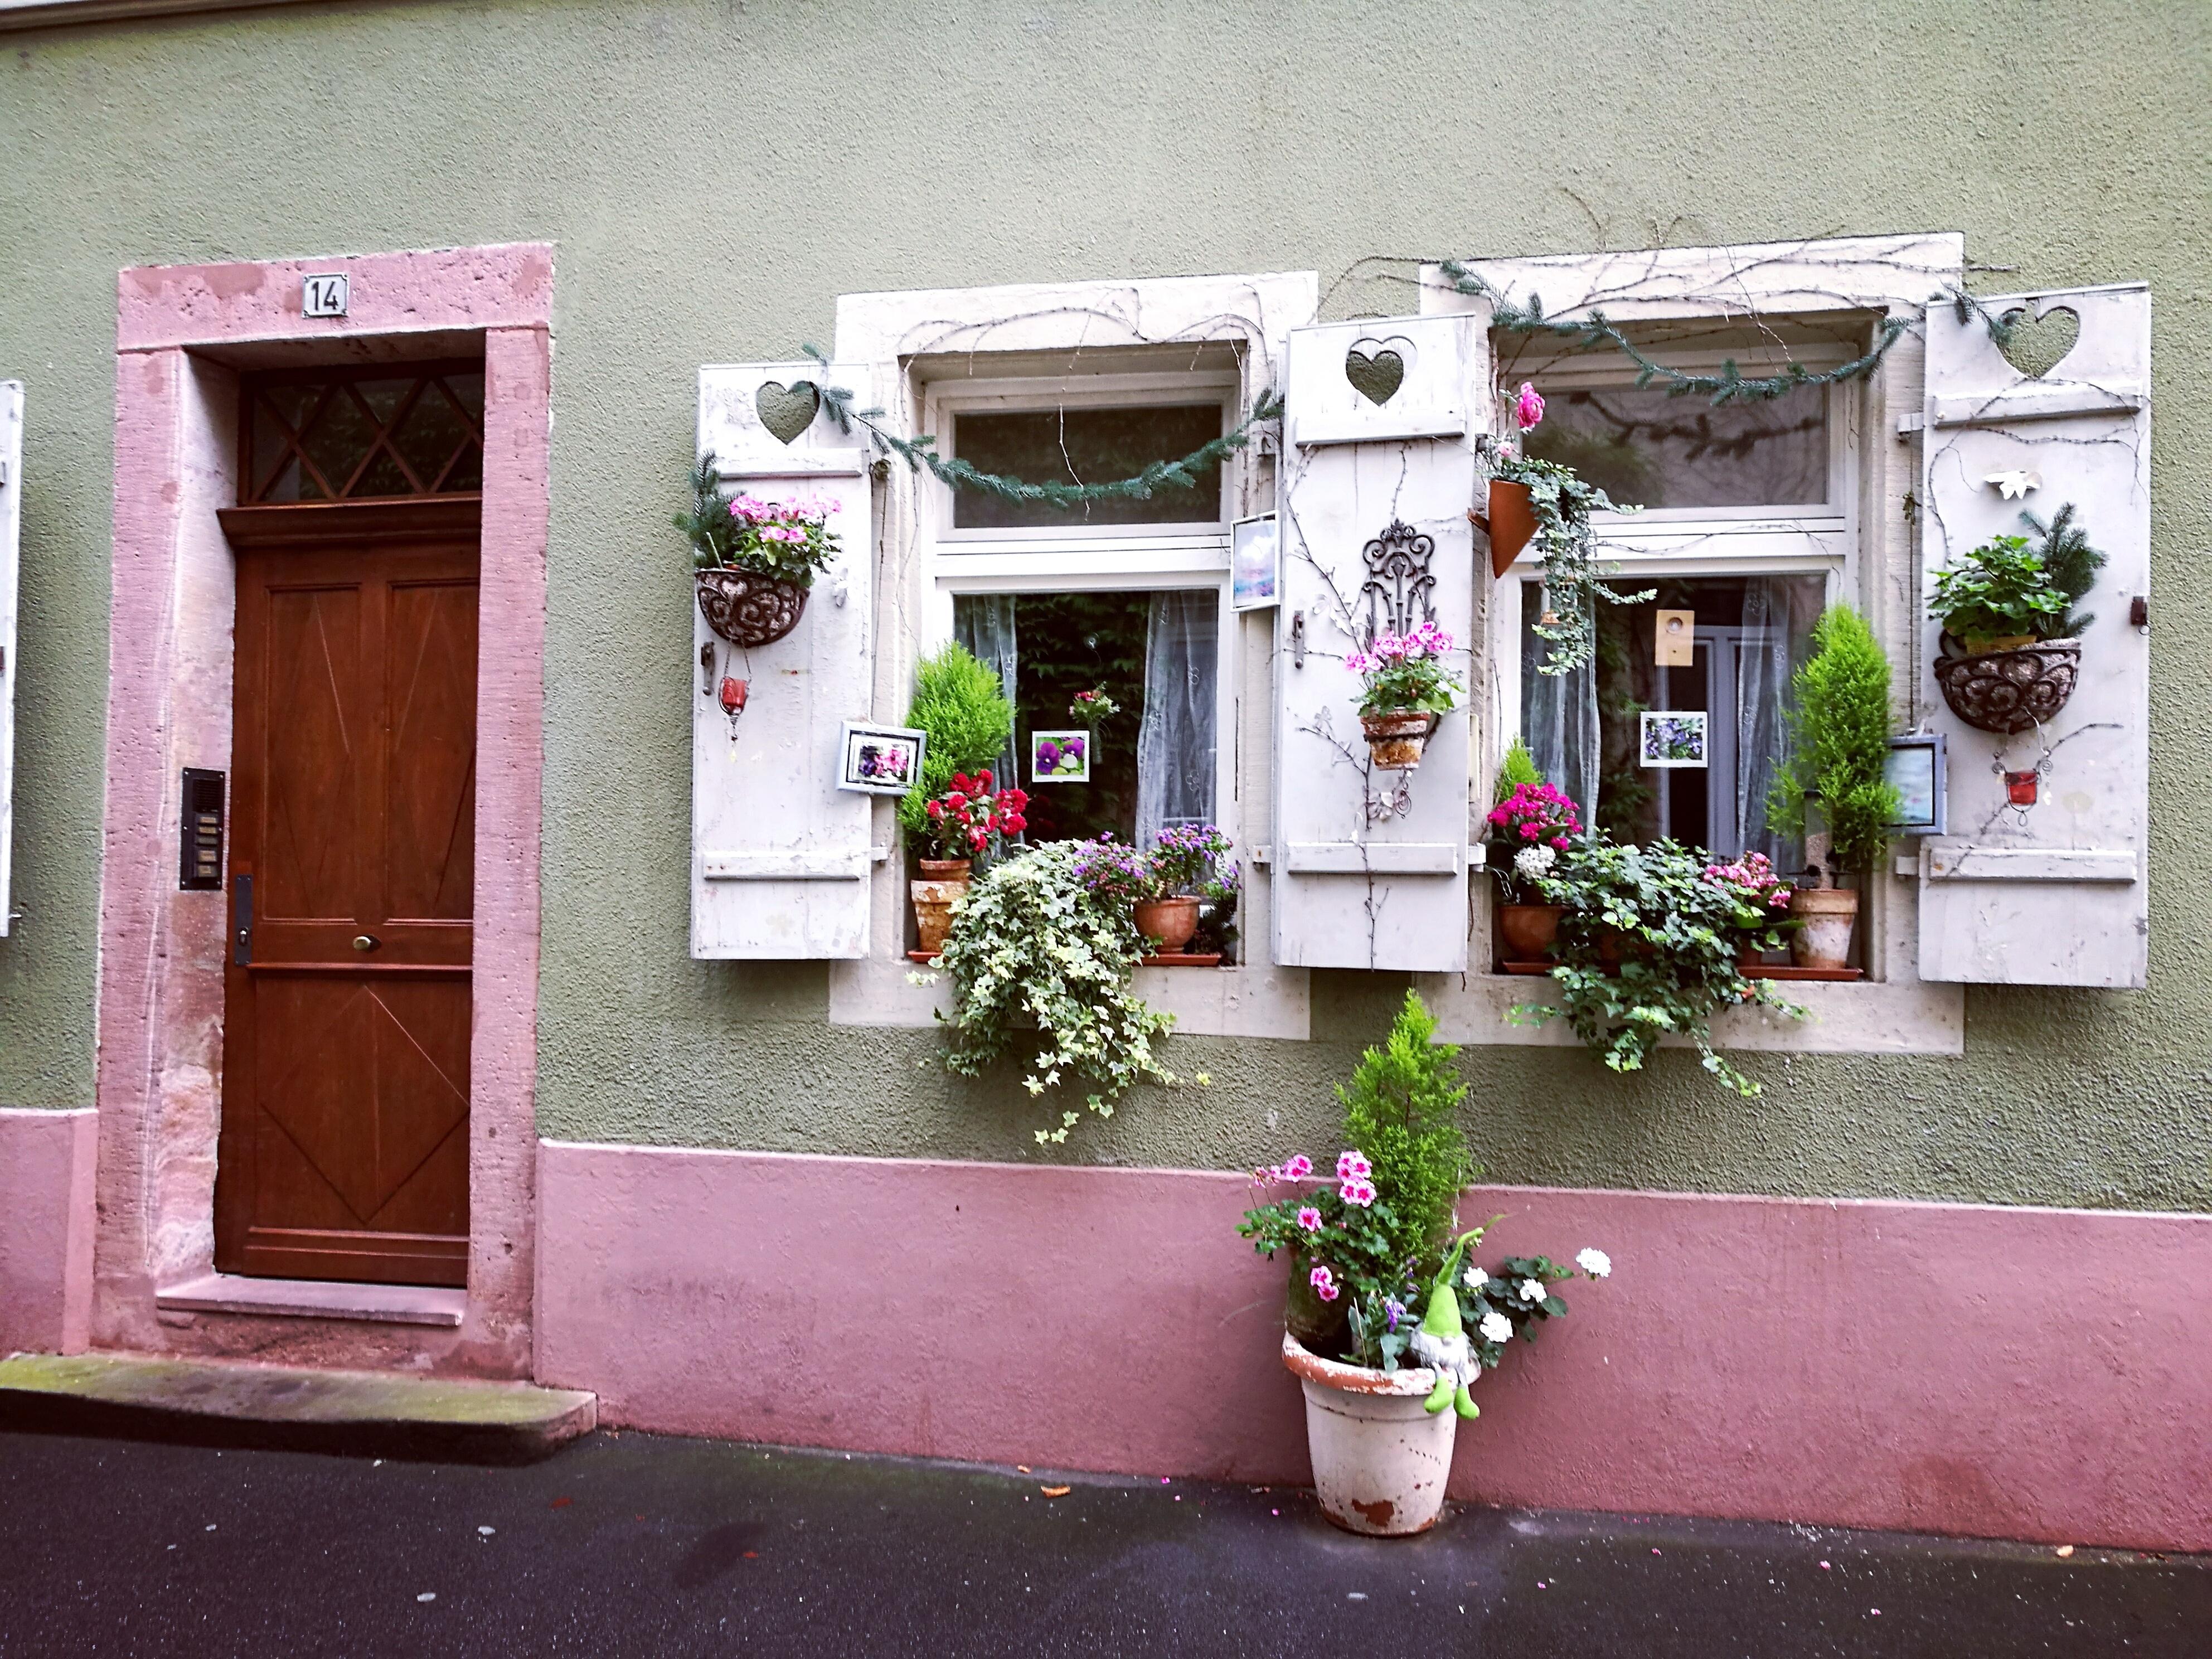 Fotos gratis : planta, madera, niña, dulce, casa, flor, ventana ...